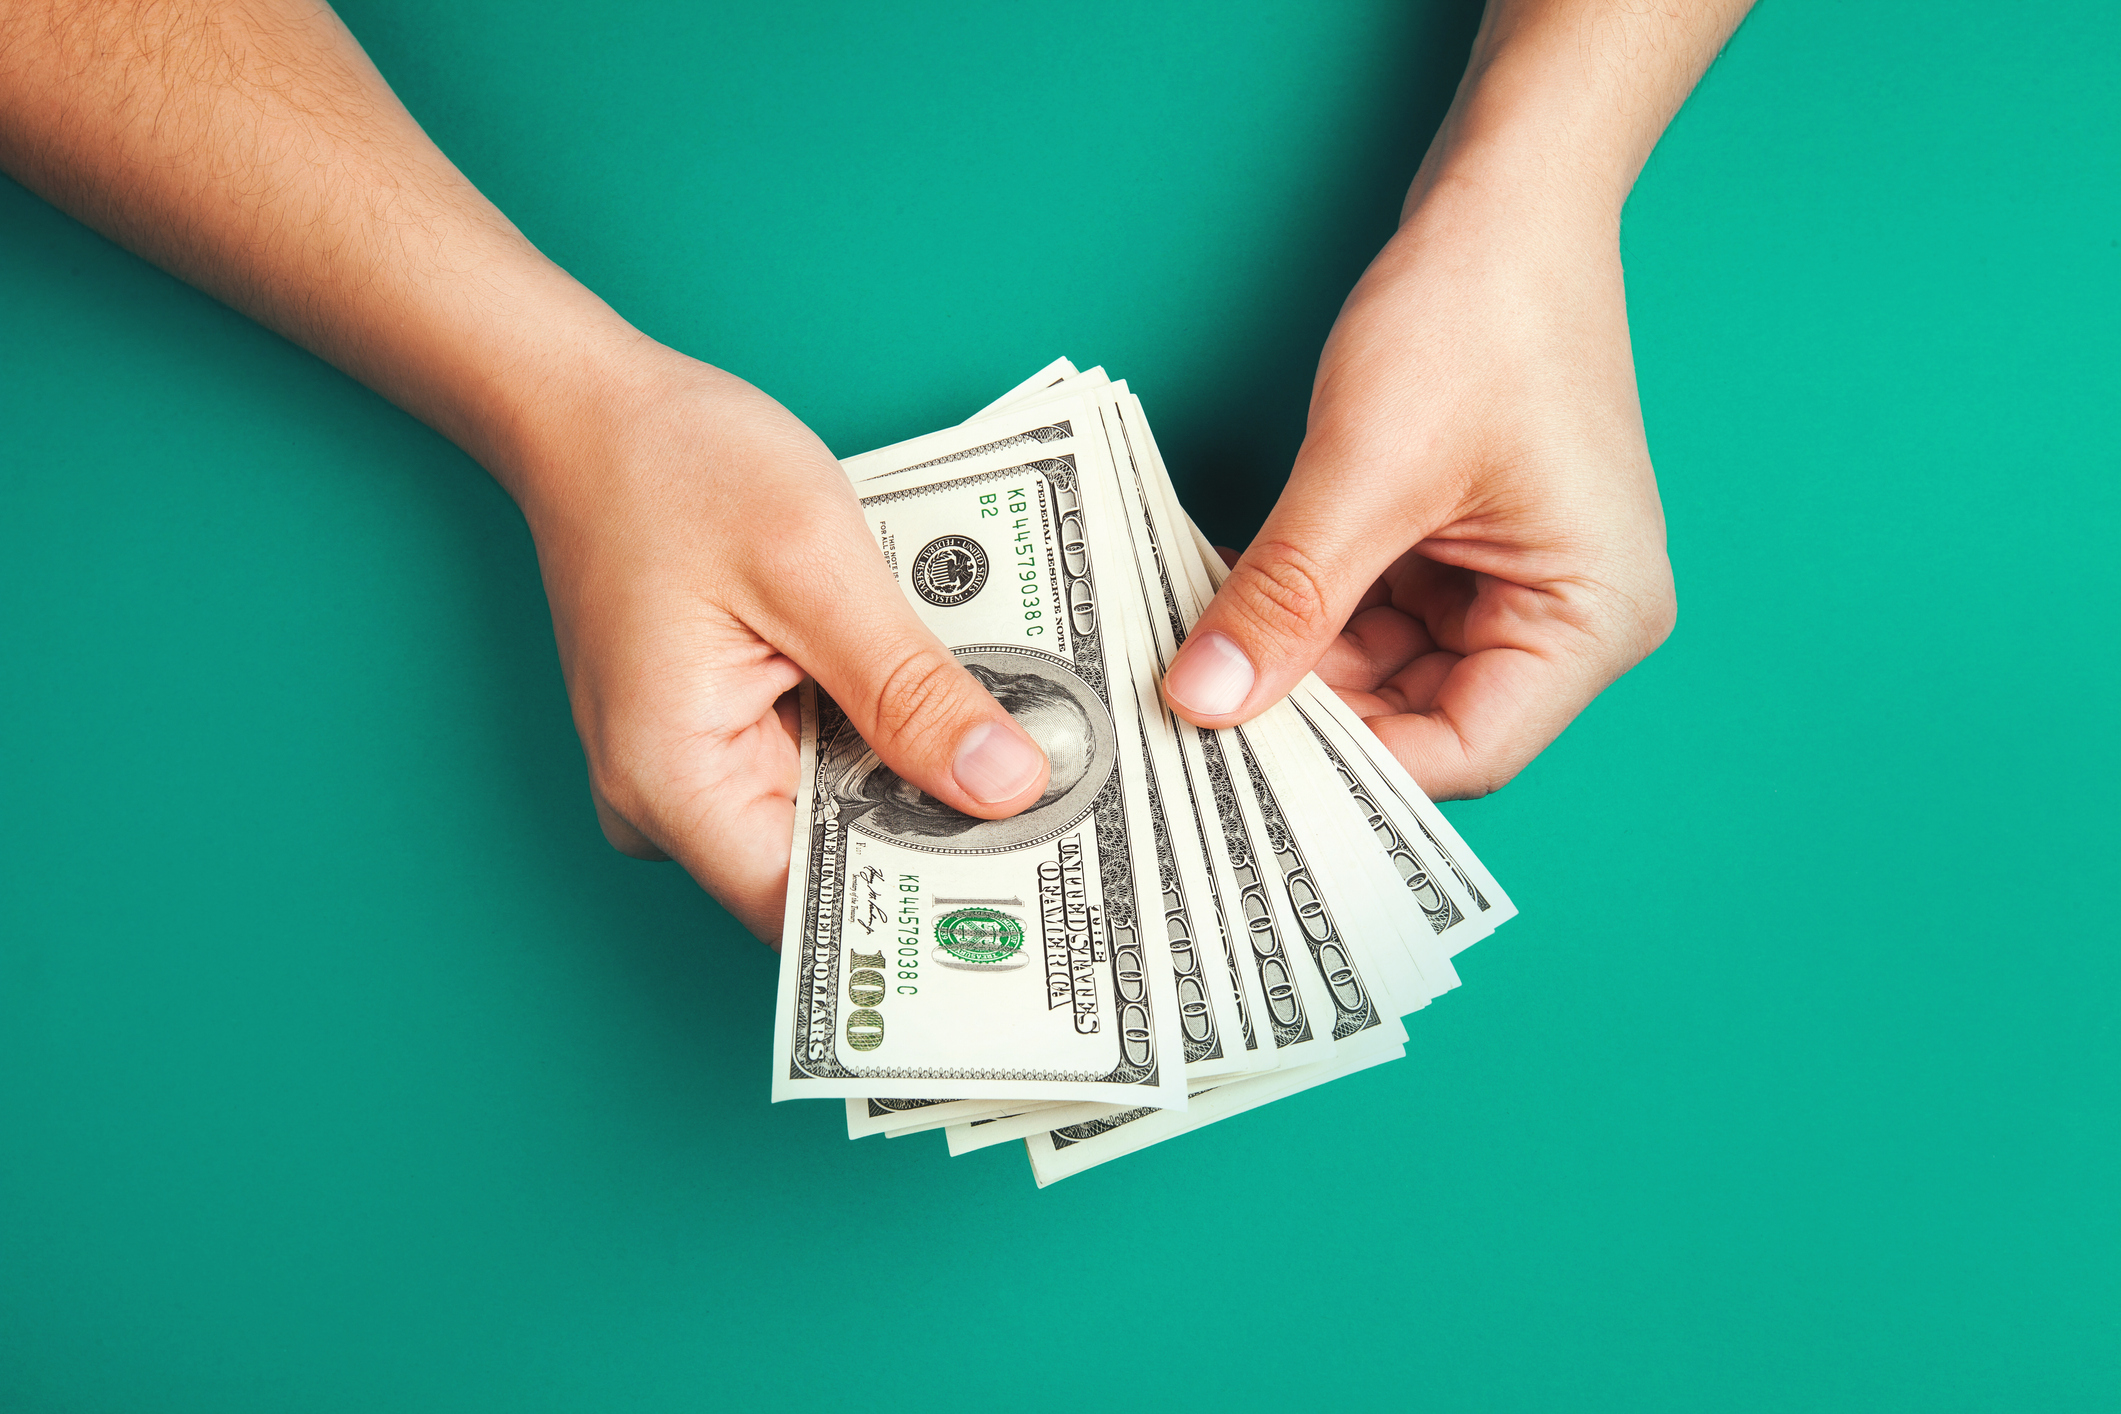 ما سبب شهرة تداول العملات الأجنبية؟